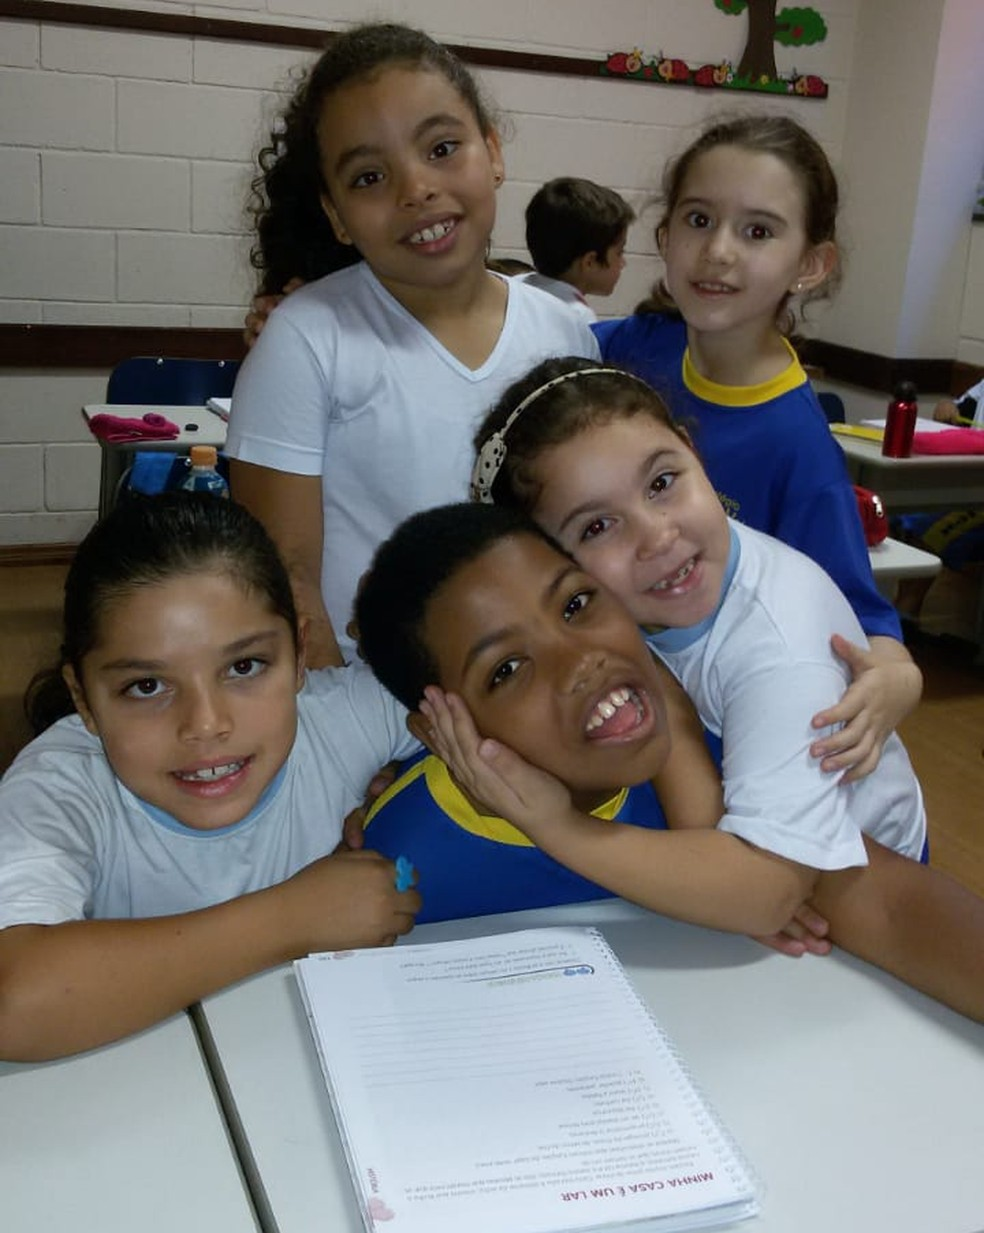 Andrey com os colegas em sala de aula — Foto: Colégio Alma Mater/Arquivo Pessoal